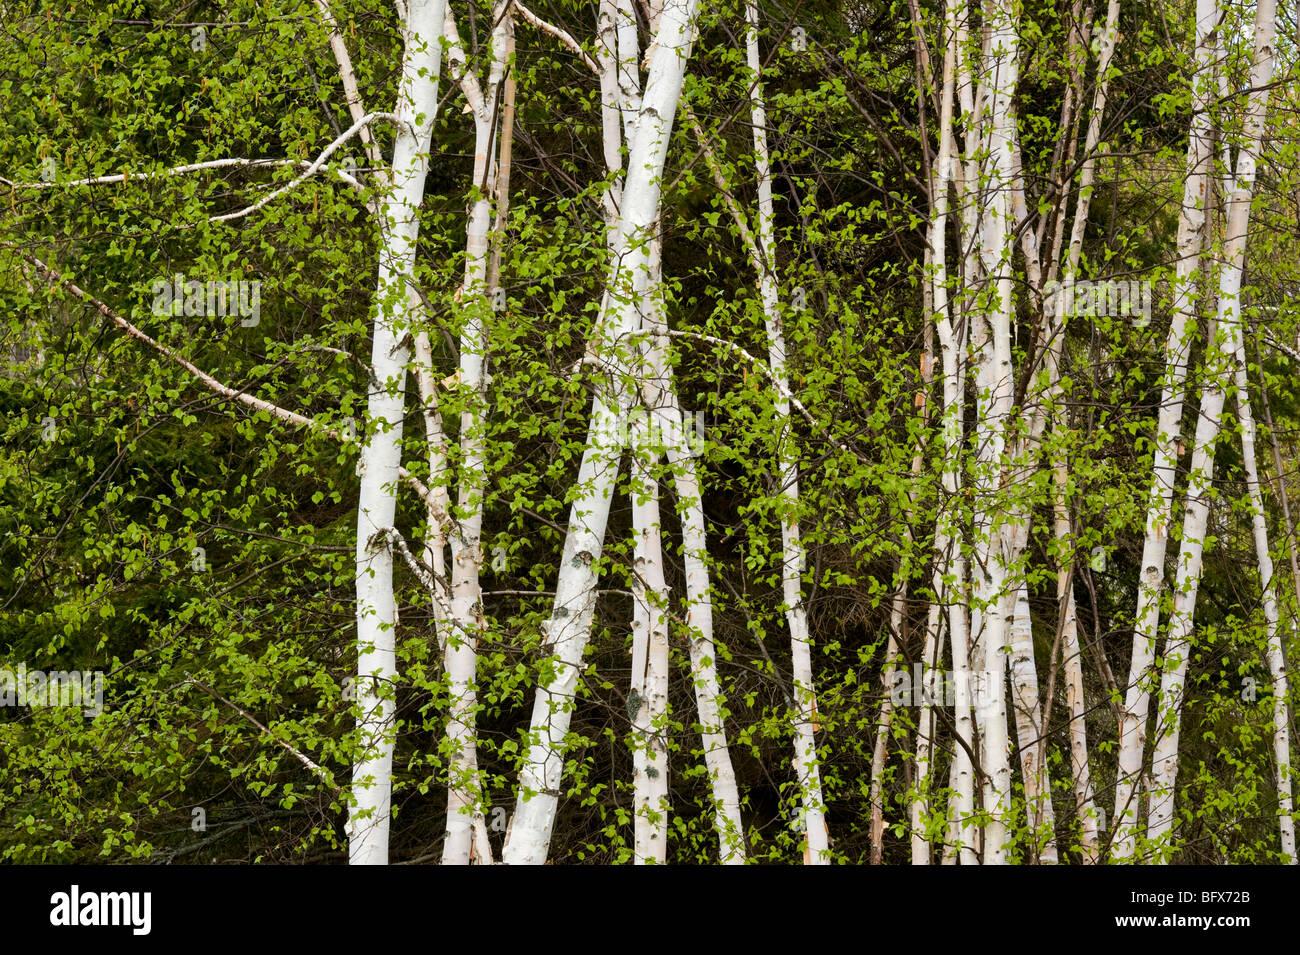 Les troncs de bouleaux et beaverpond en face d'un grand arbre à feuilles persistantes, le Grand Sudbury, Photo Stock